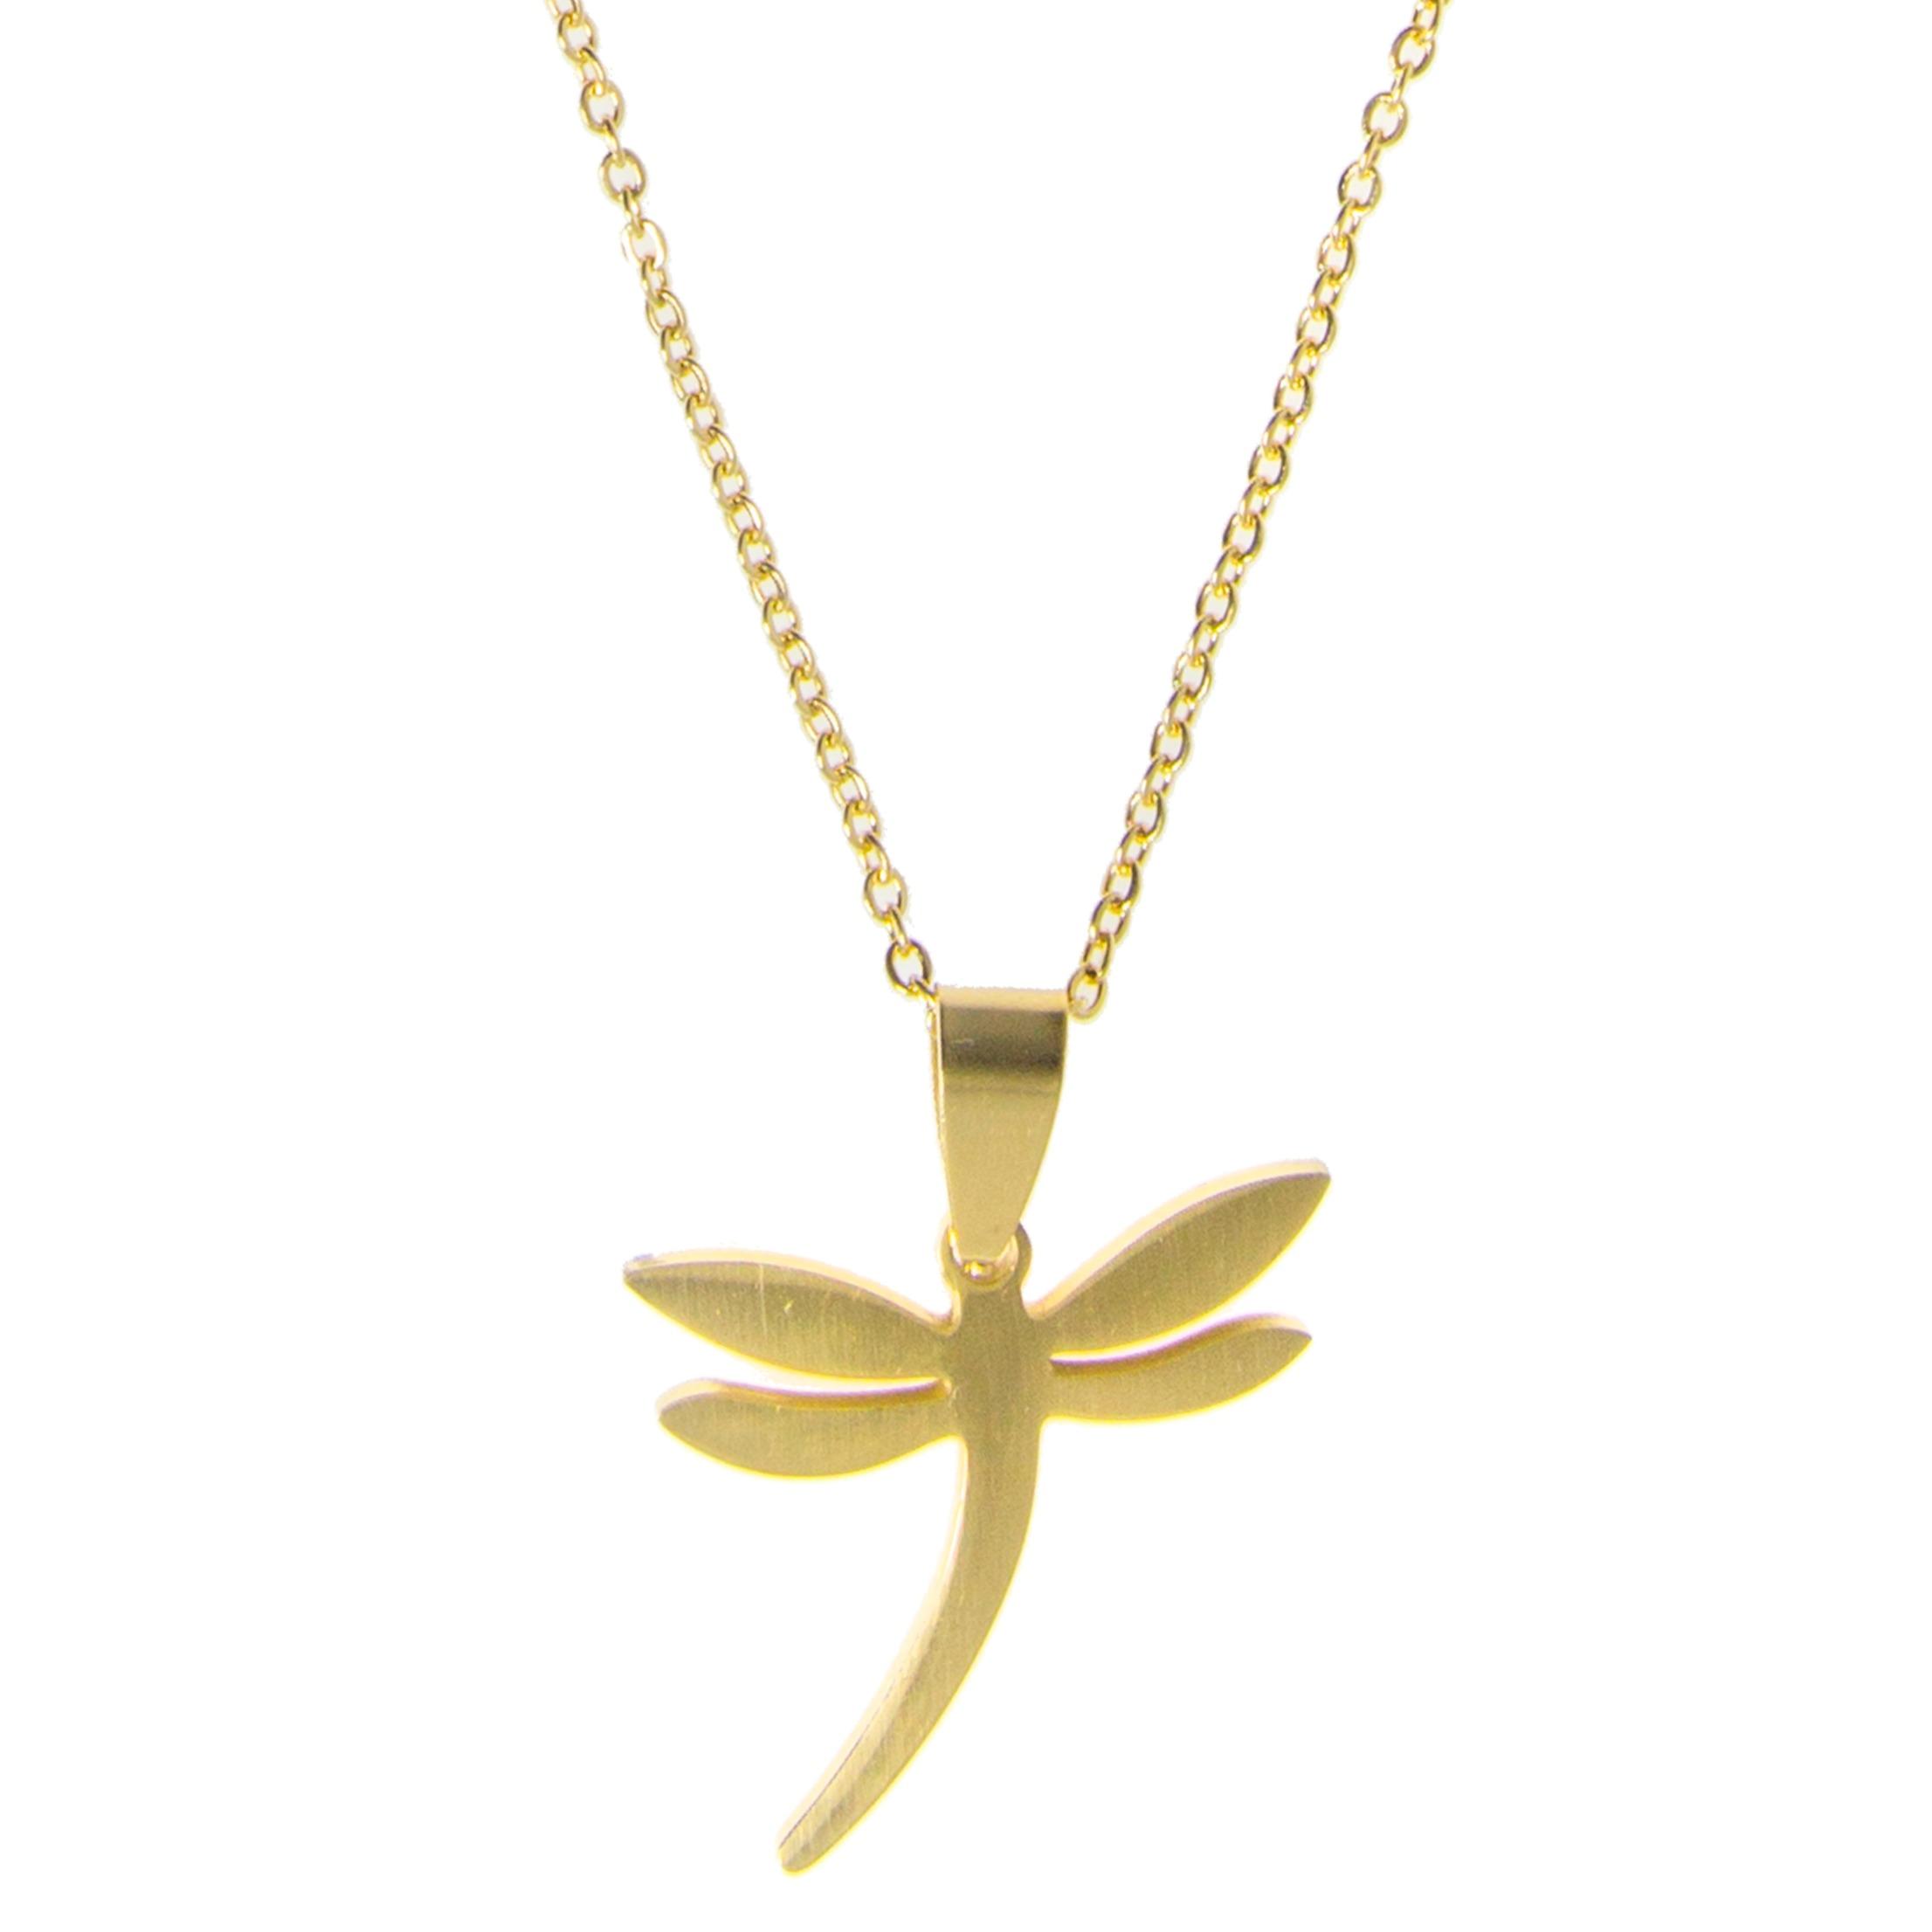 Collar-libélula-golden